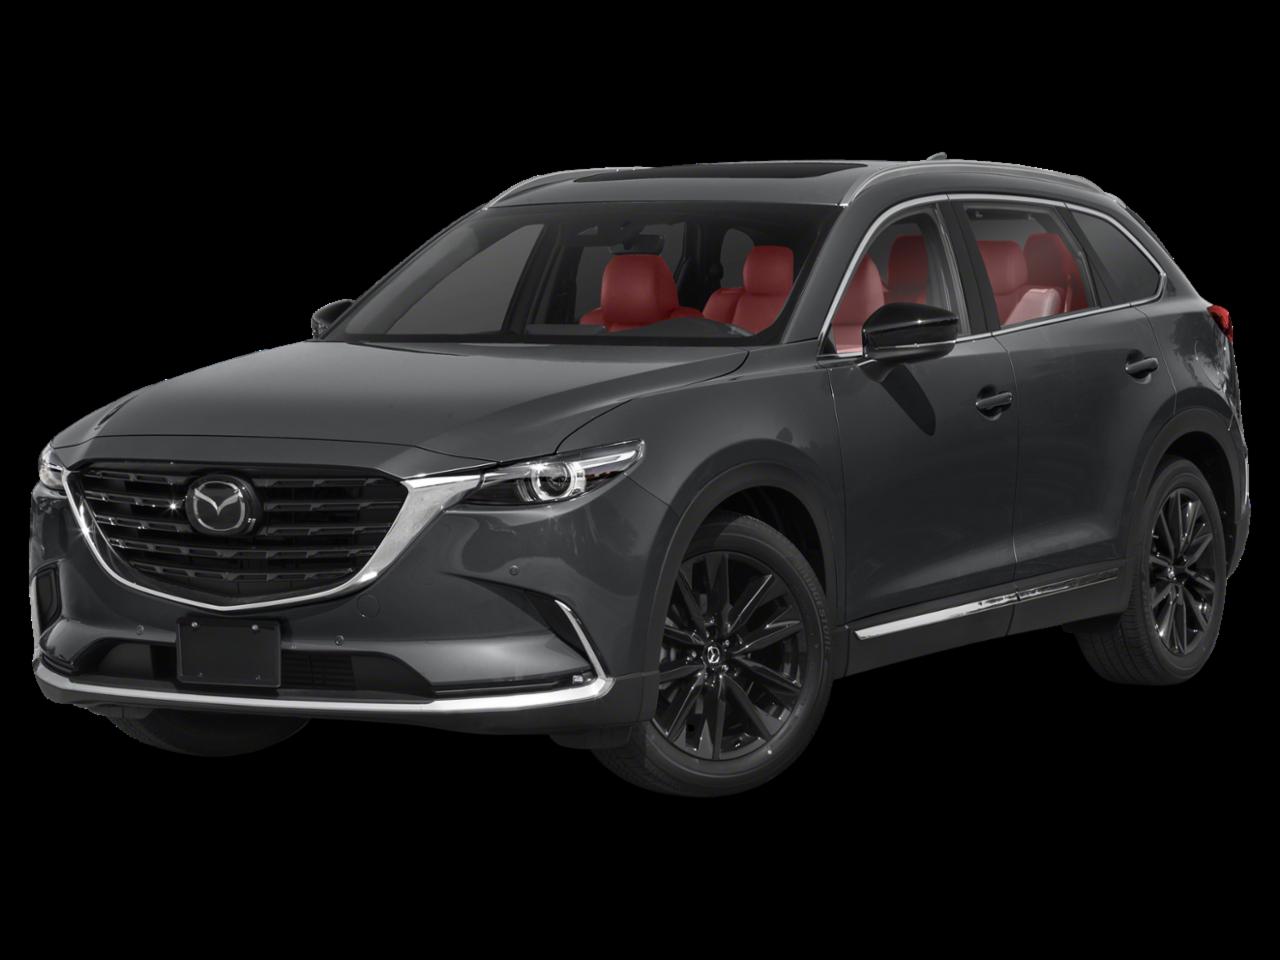 2021 Mazda CX-9 Carbon Edition FWD